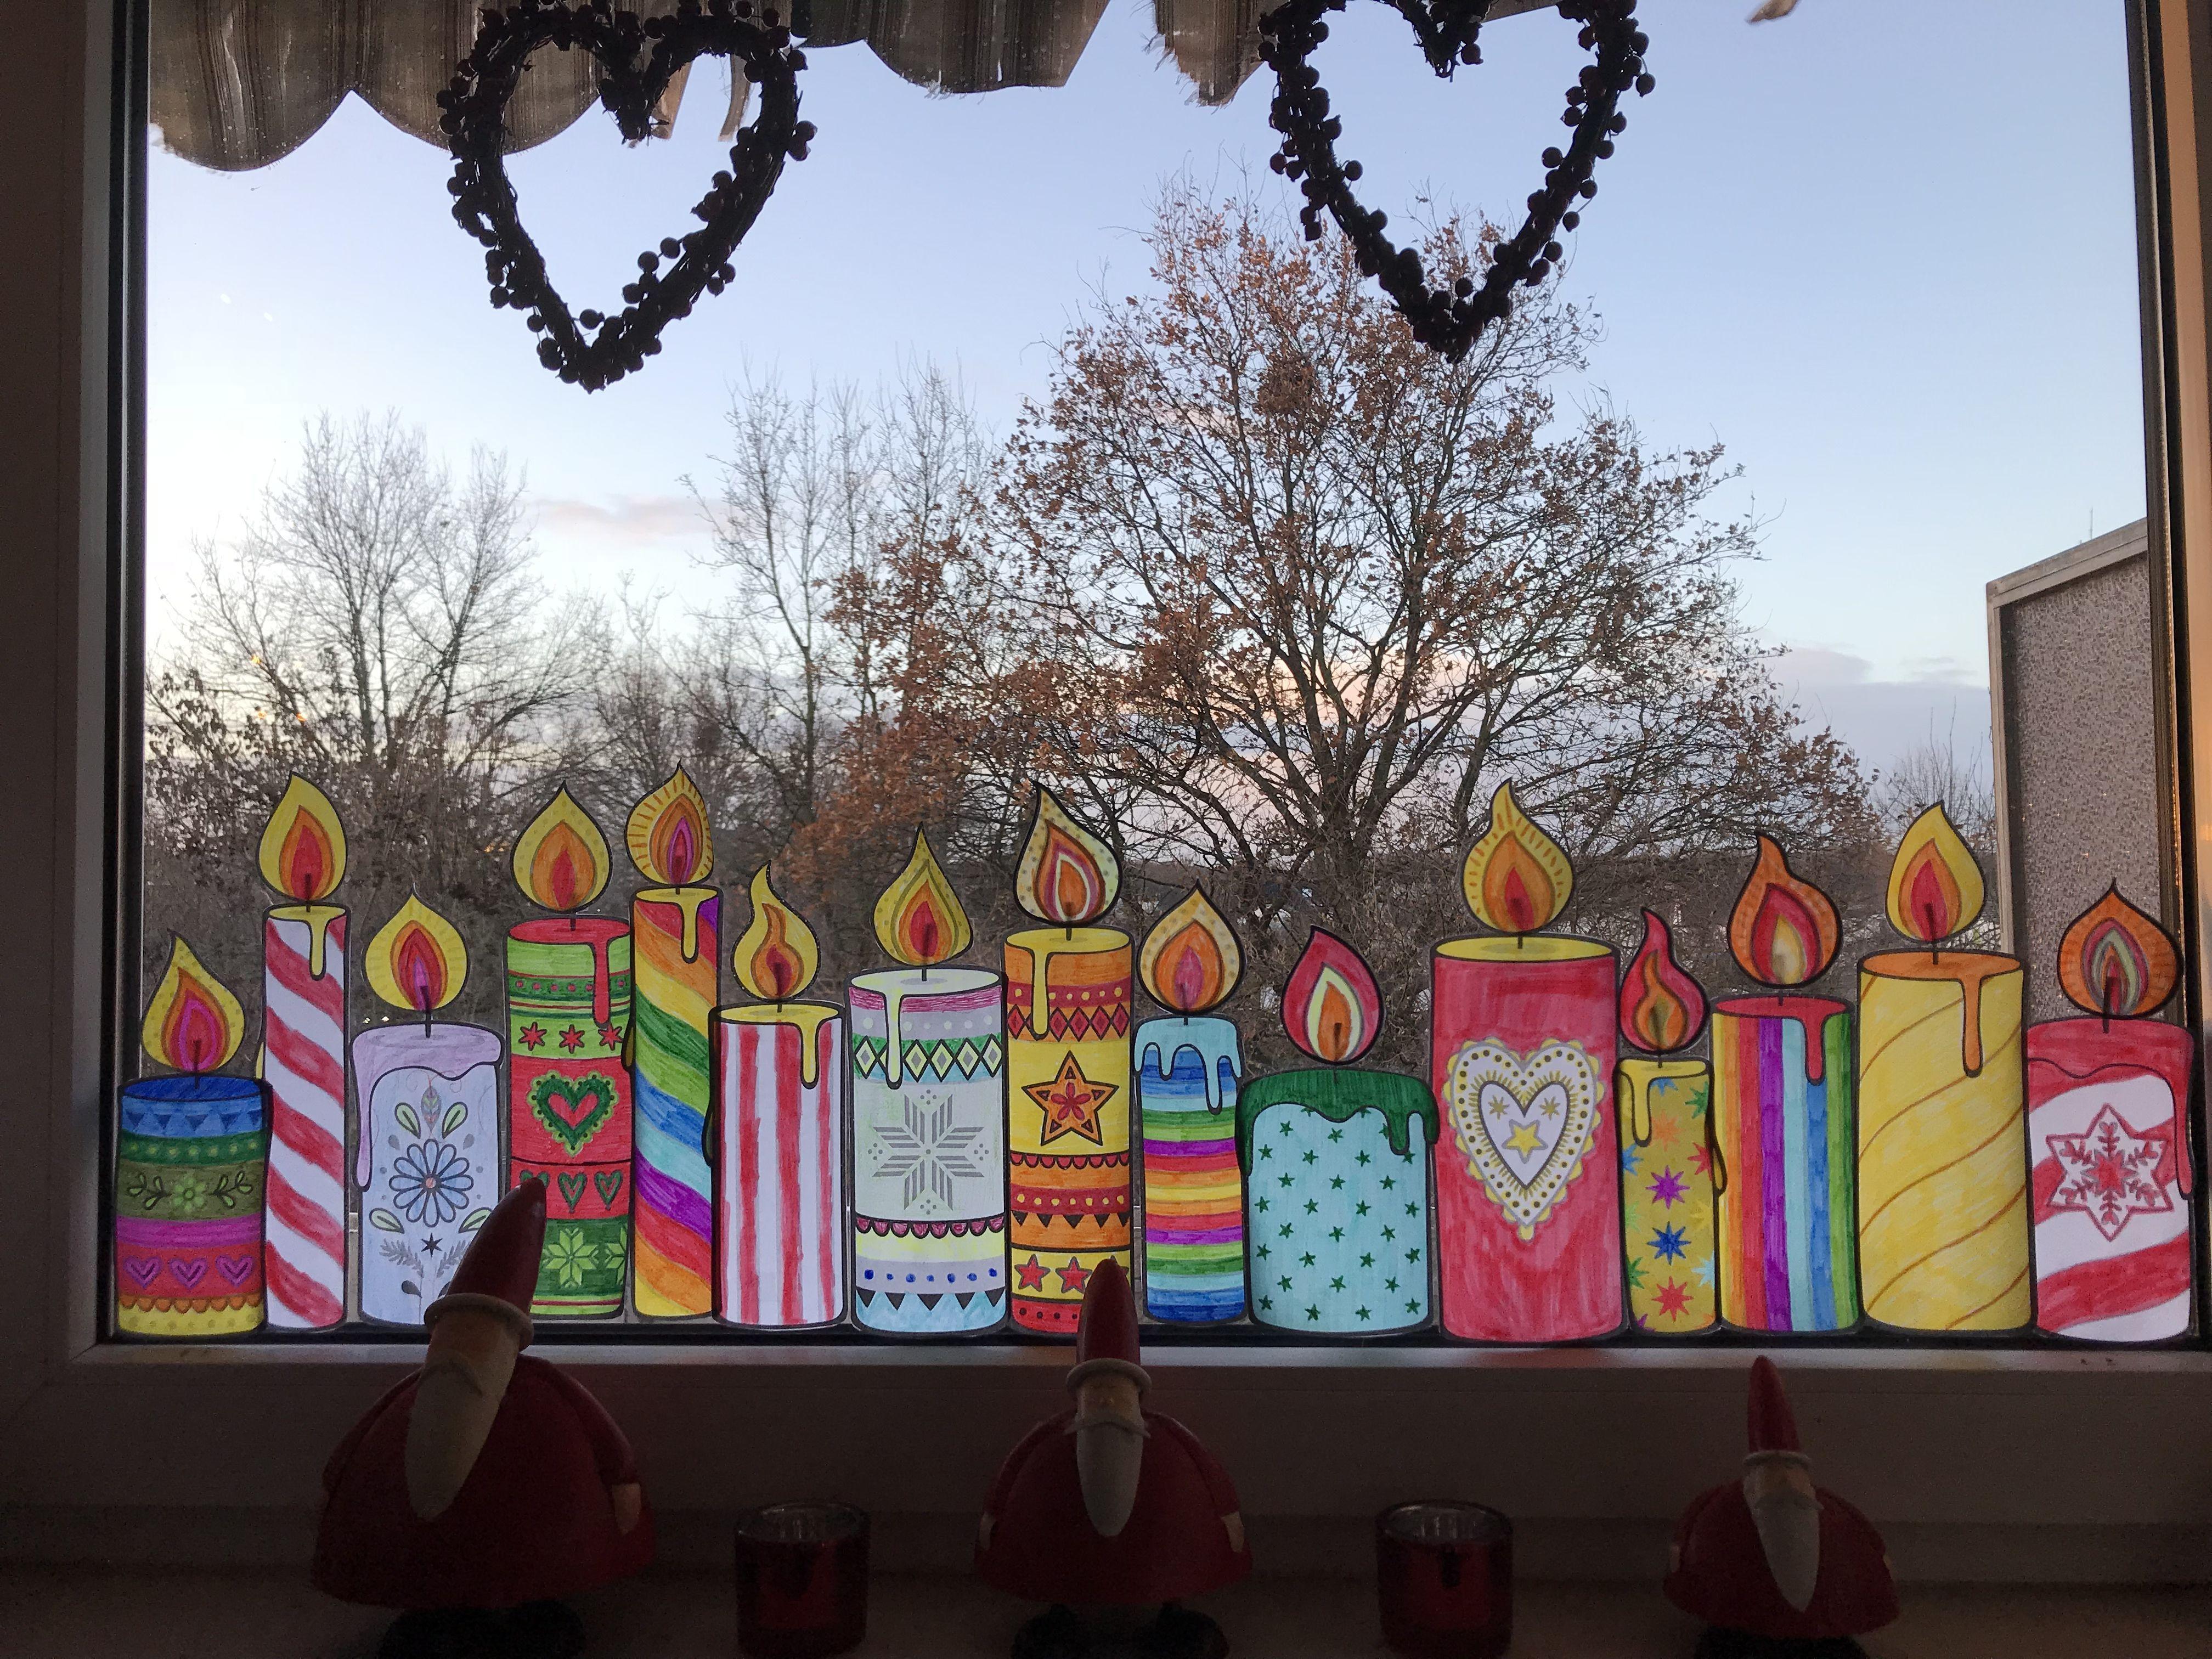 Fensterdekoration Mit Den Kerzenvorlagen Von Bine Brandle Binebrandle Fen Fensterbilder Weihnachten Basteln Fensterdeko Weihnachten Basteln Fensterdekoration